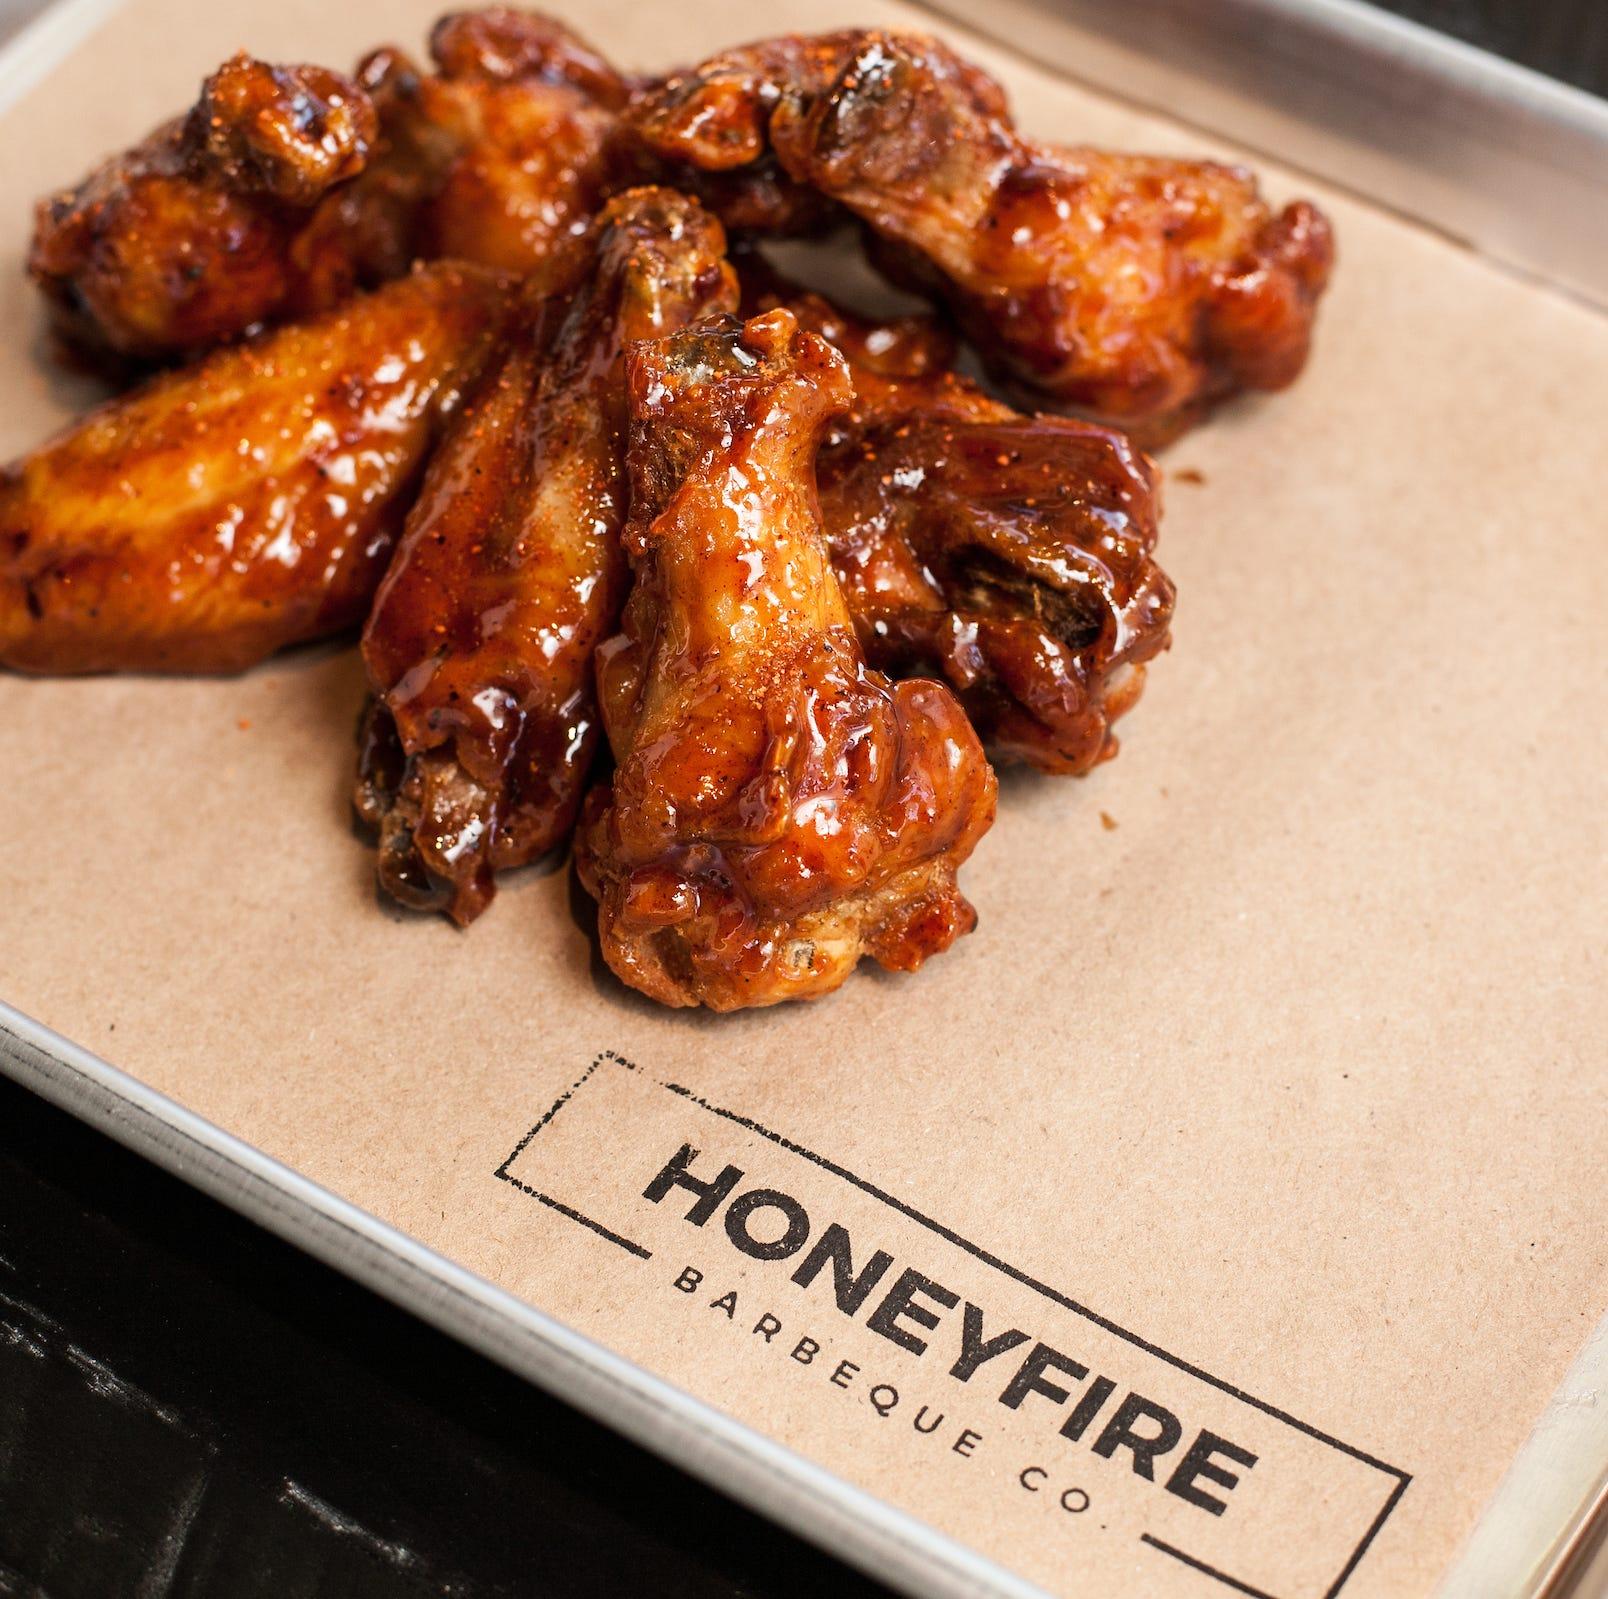 HoneyFire wings